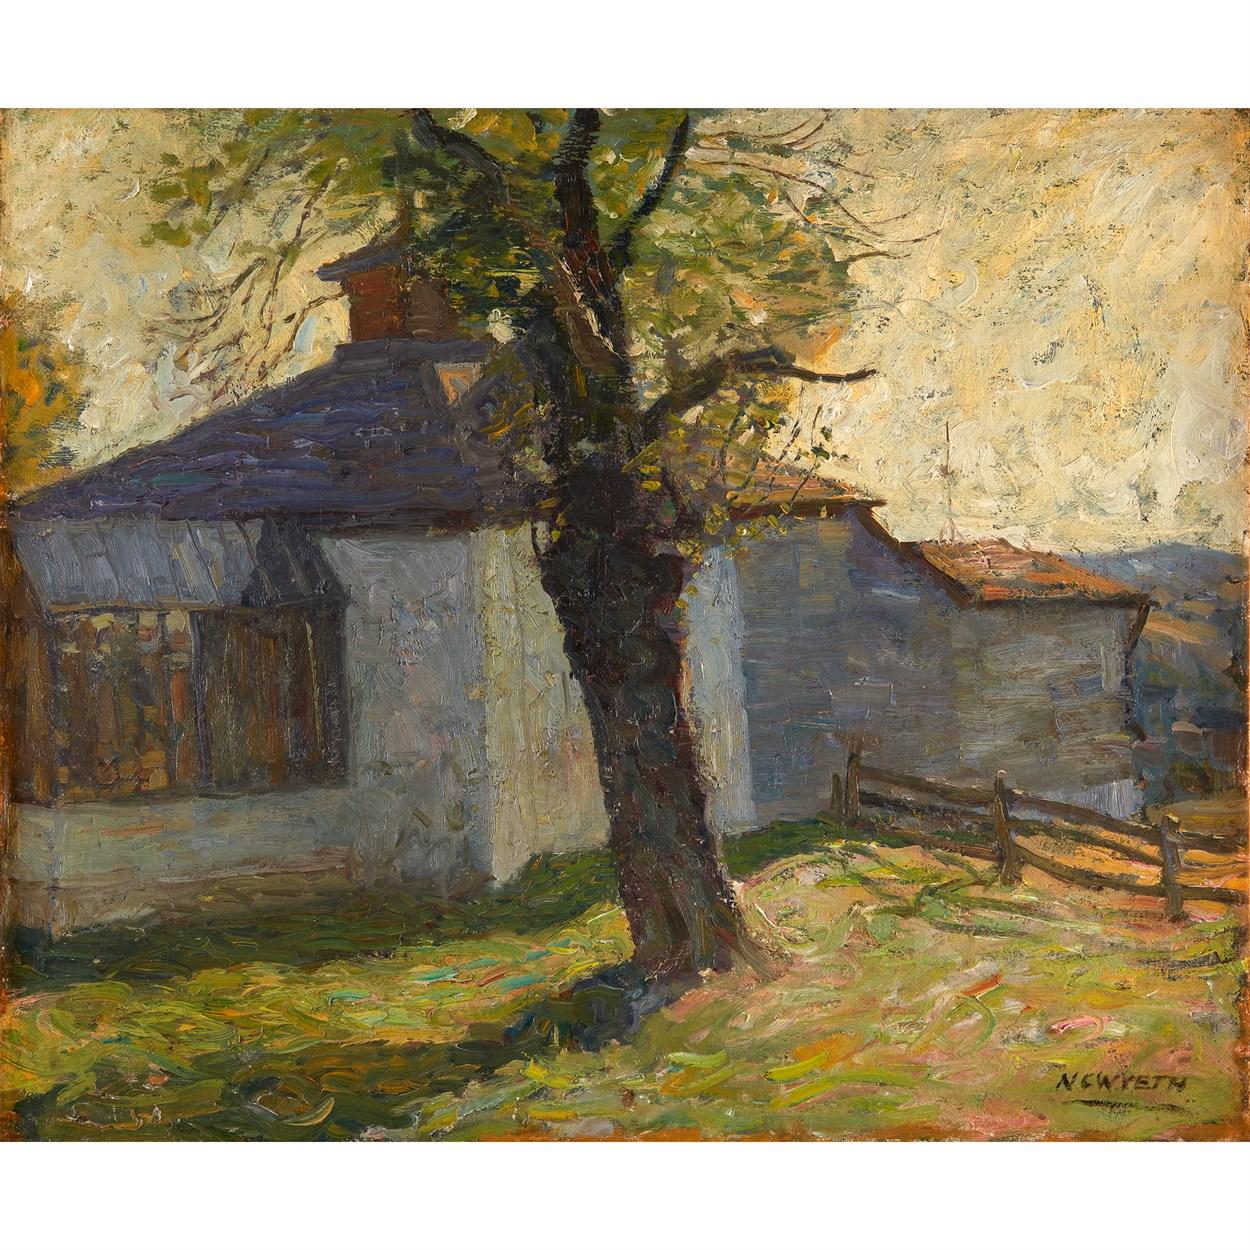 Lot 26 - N.C. Wyeth (American, 1882-1945)